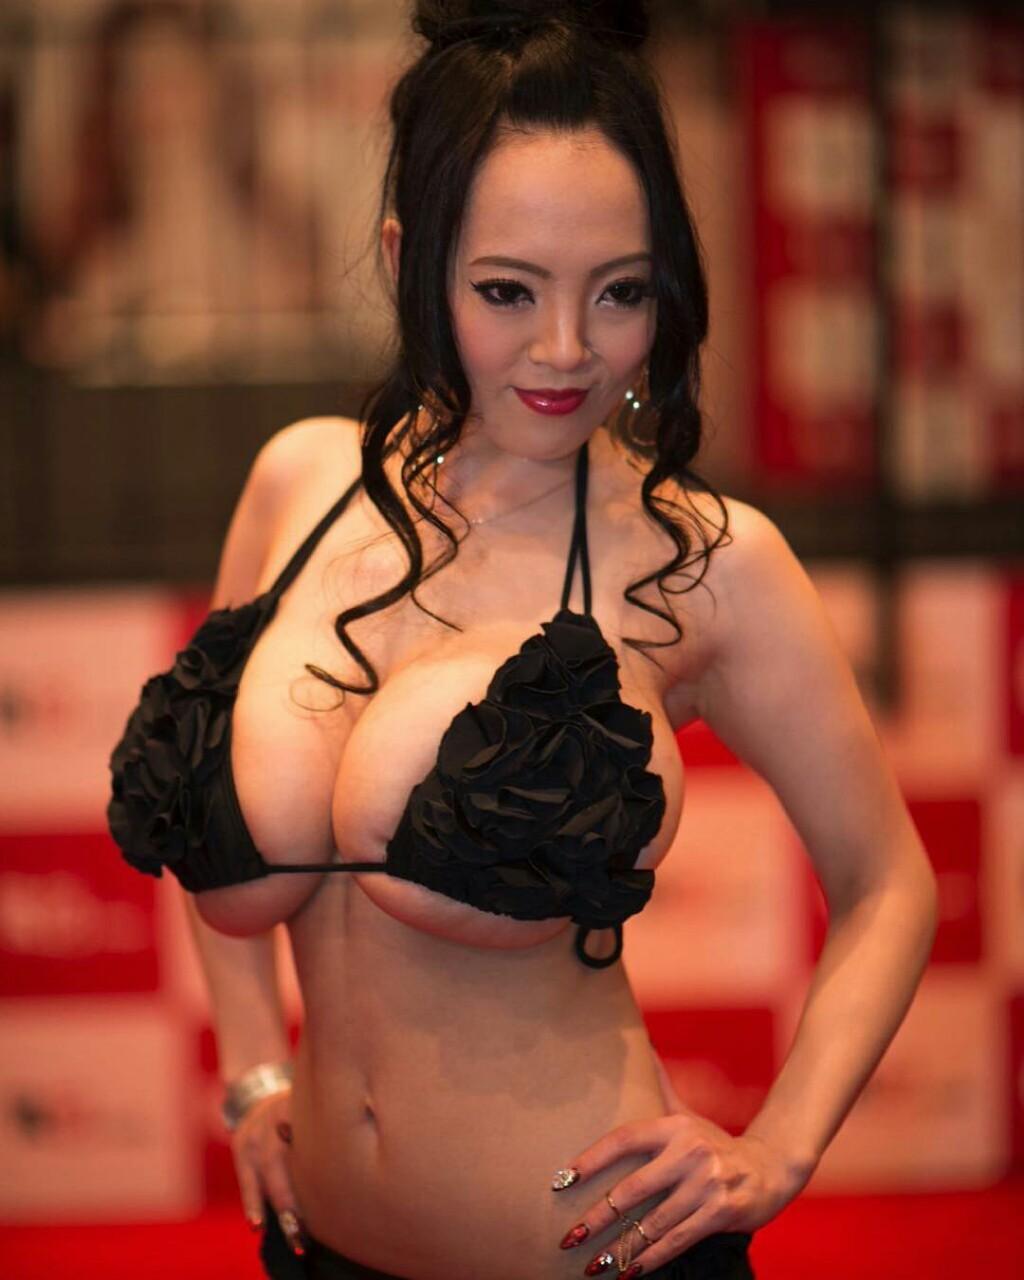 Solo Sexy Asians Pics 7